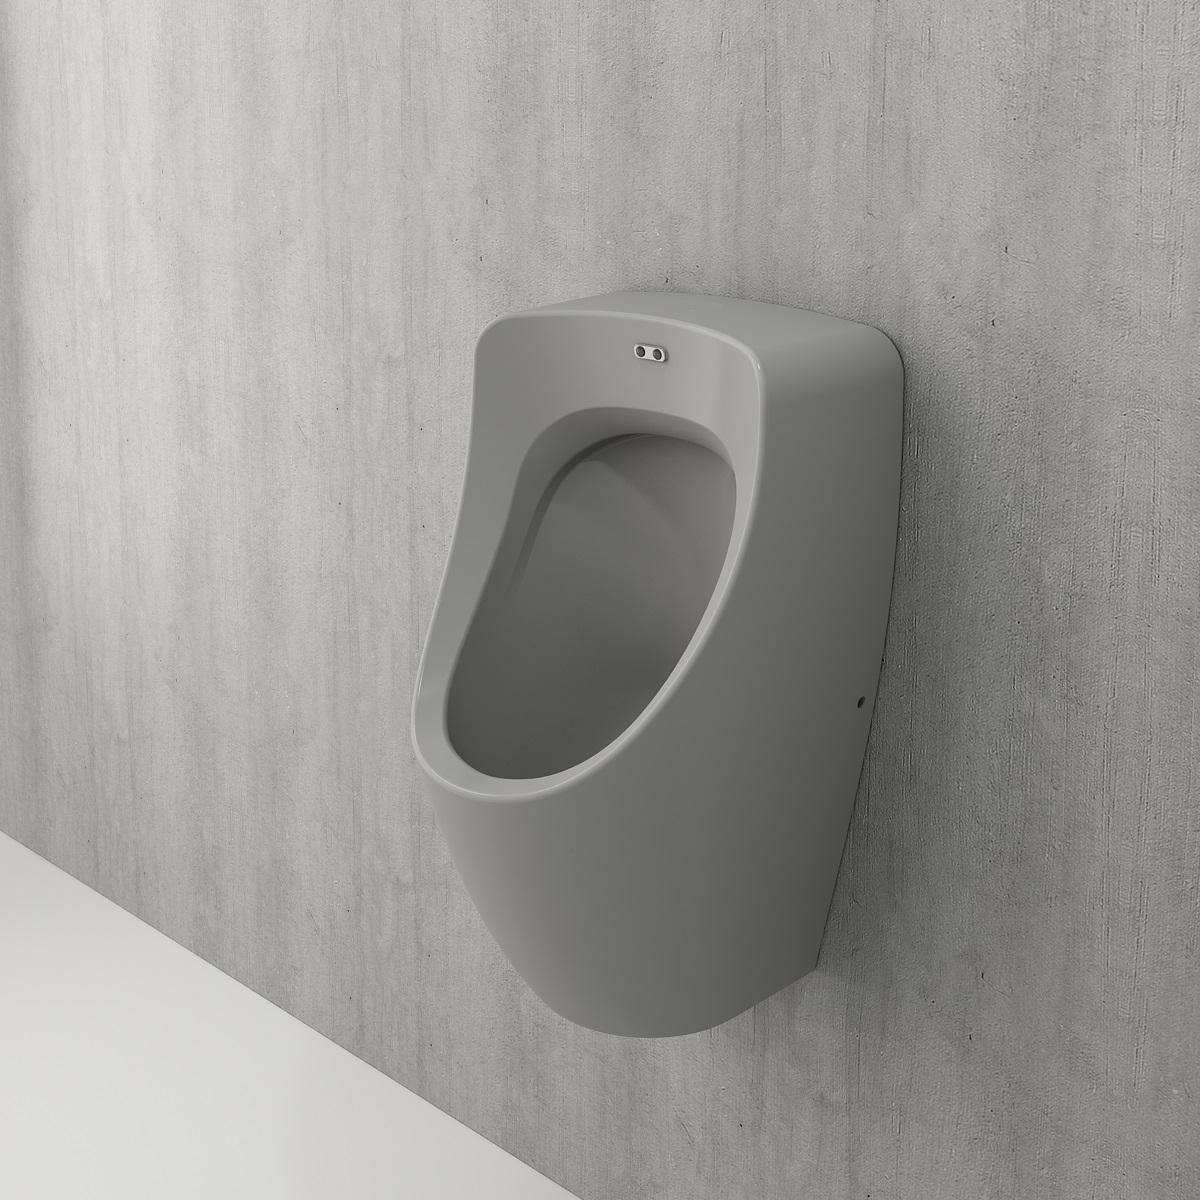 Bocchi Taormina Pro urinoir met achter aansluiting mat grijs